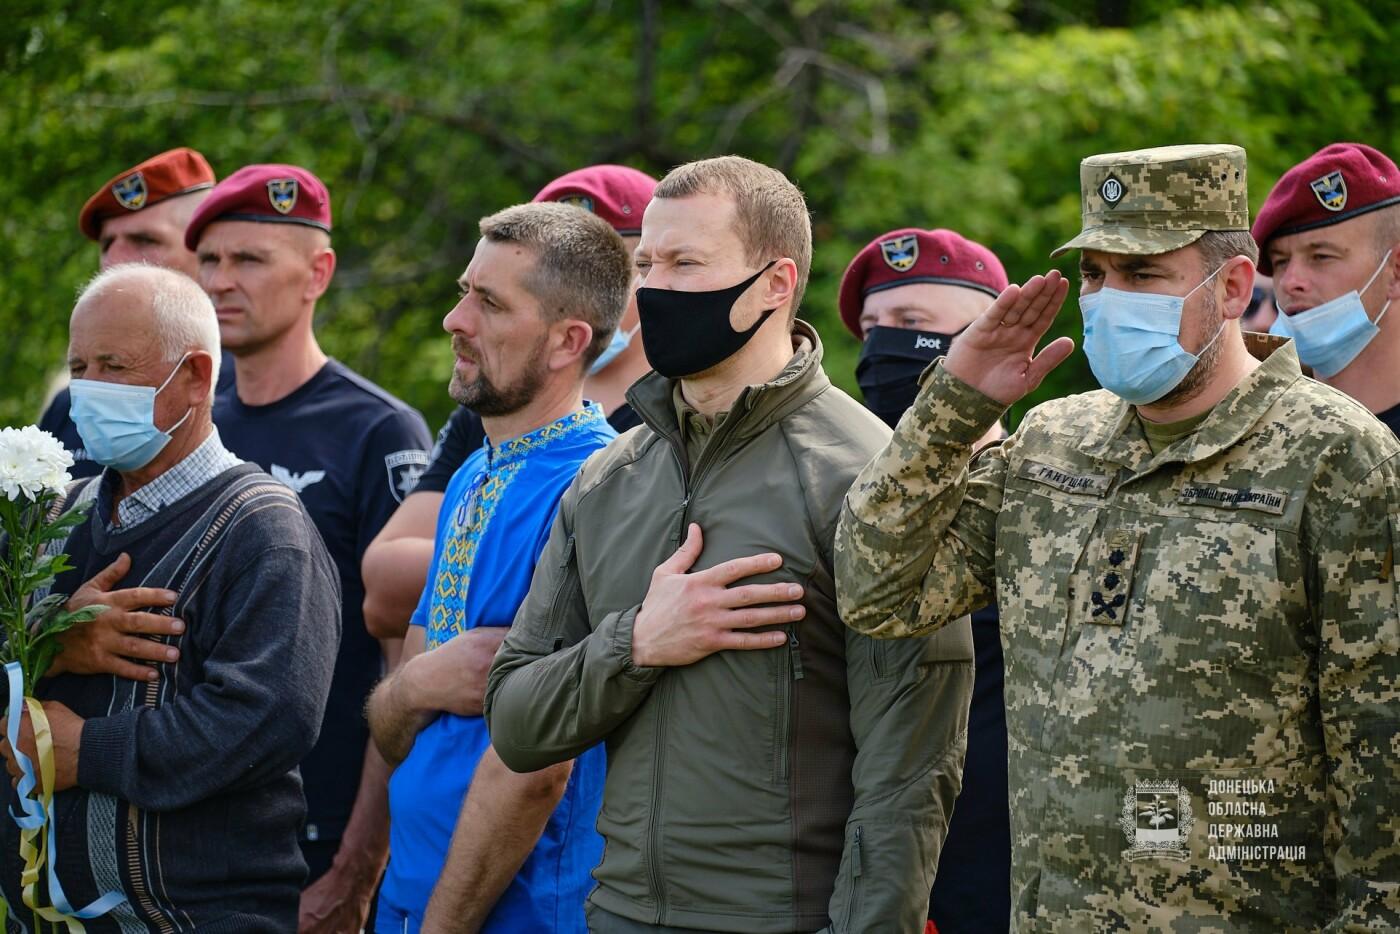 В Донецкой области почтили память 12 погибших украинских воинов во главе с генералом Кульчицким, - ФОТО, фото-1